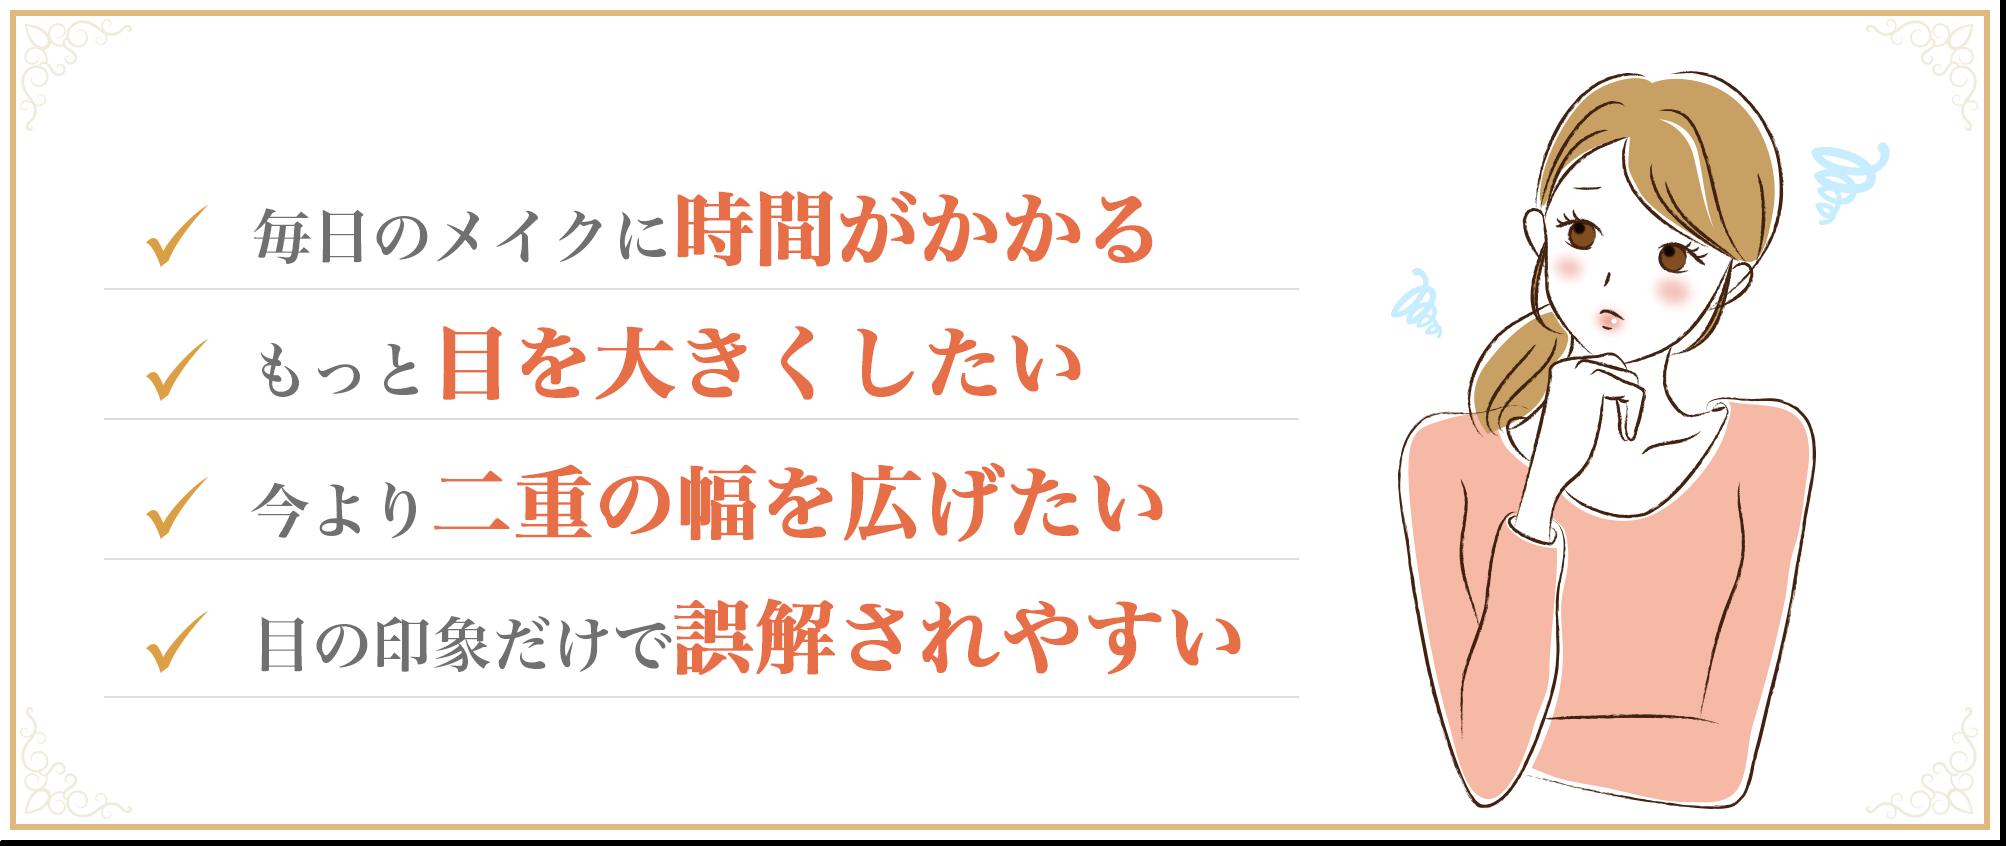 クリニック 熊本 かじ